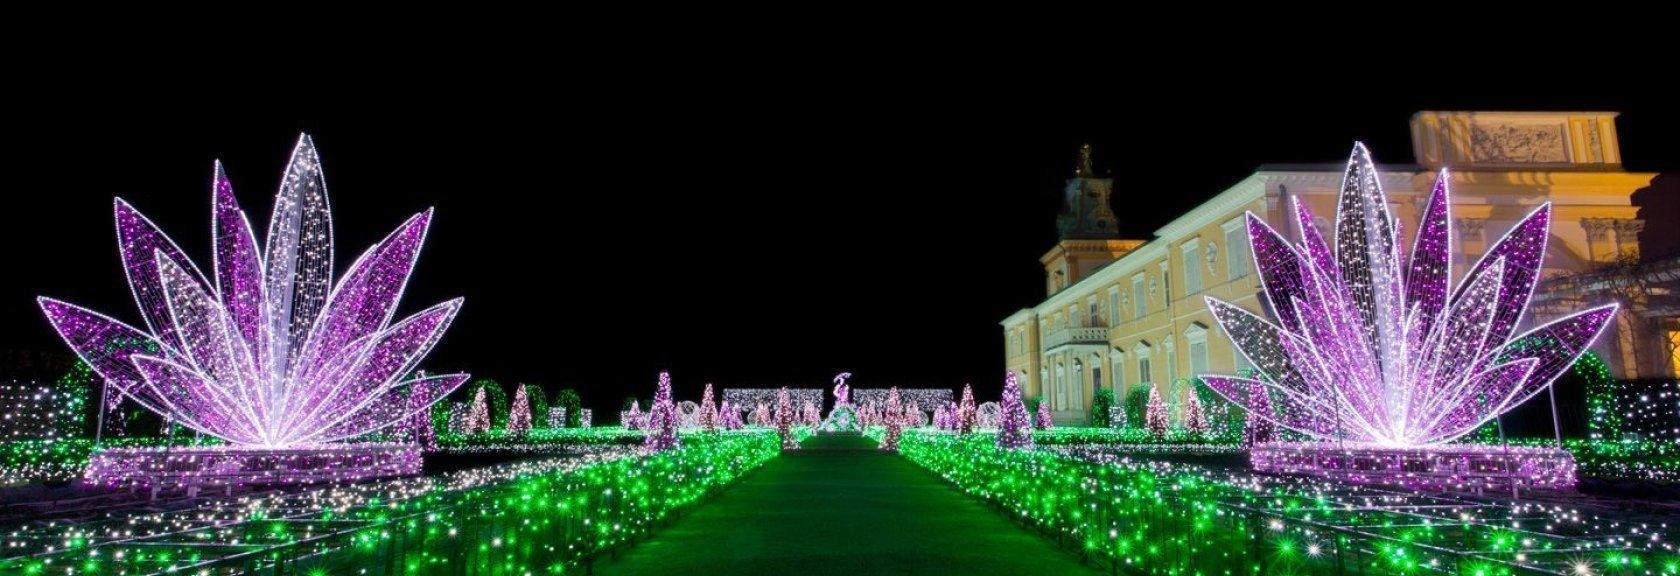 Zima w Warszawie - iluminacje i inne atrakcje